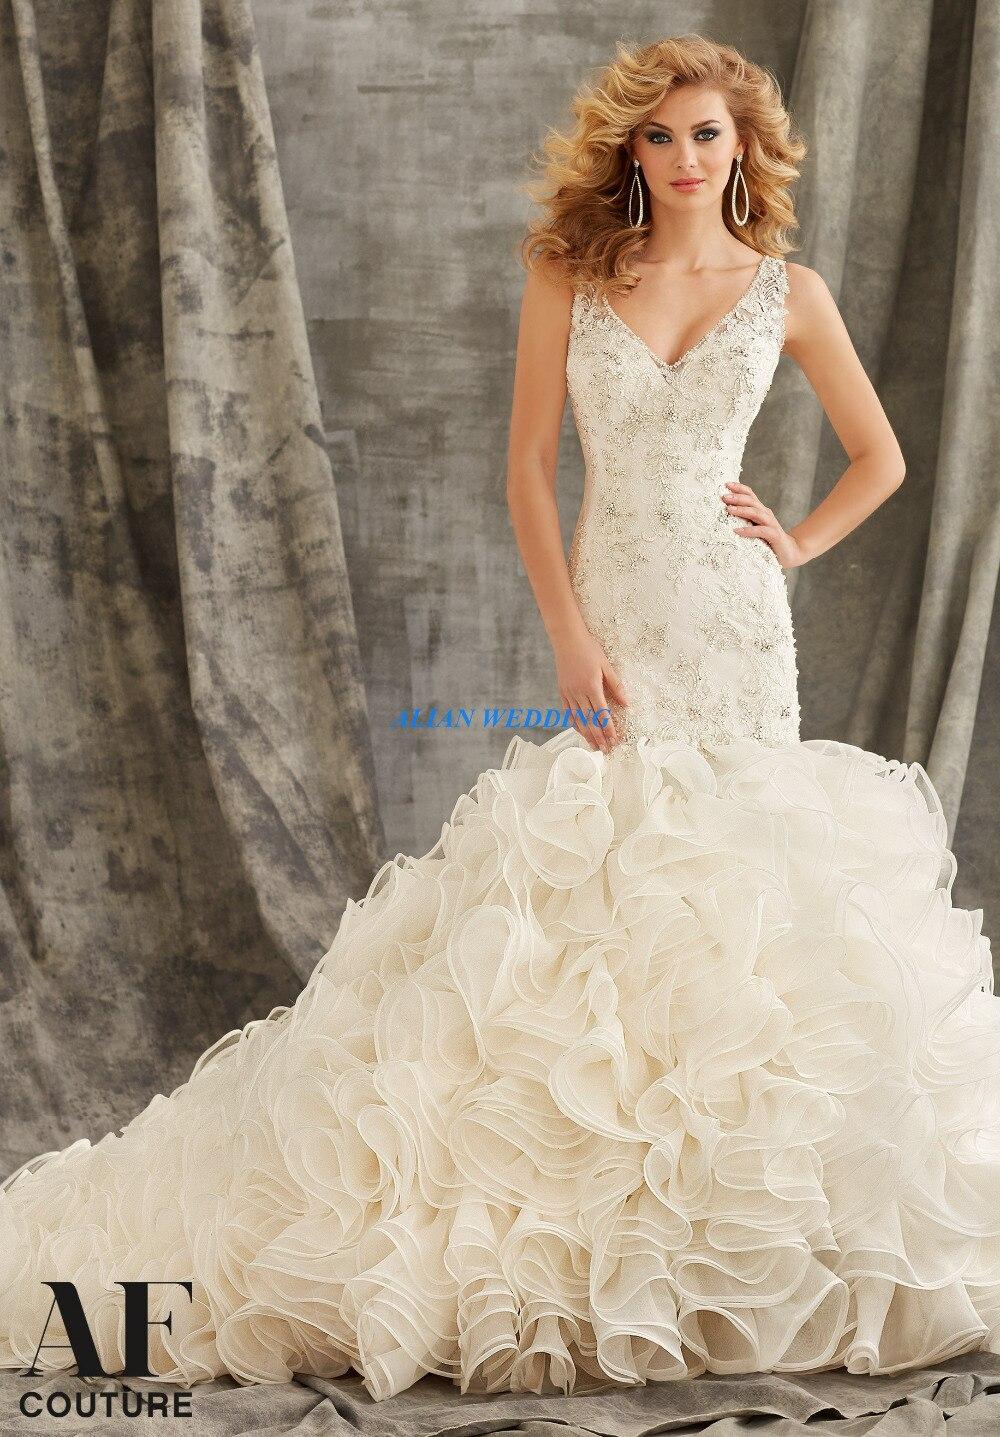 Fantastisch Brautkleider Binghamton Ny Bilder - Brautkleider Ideen ...